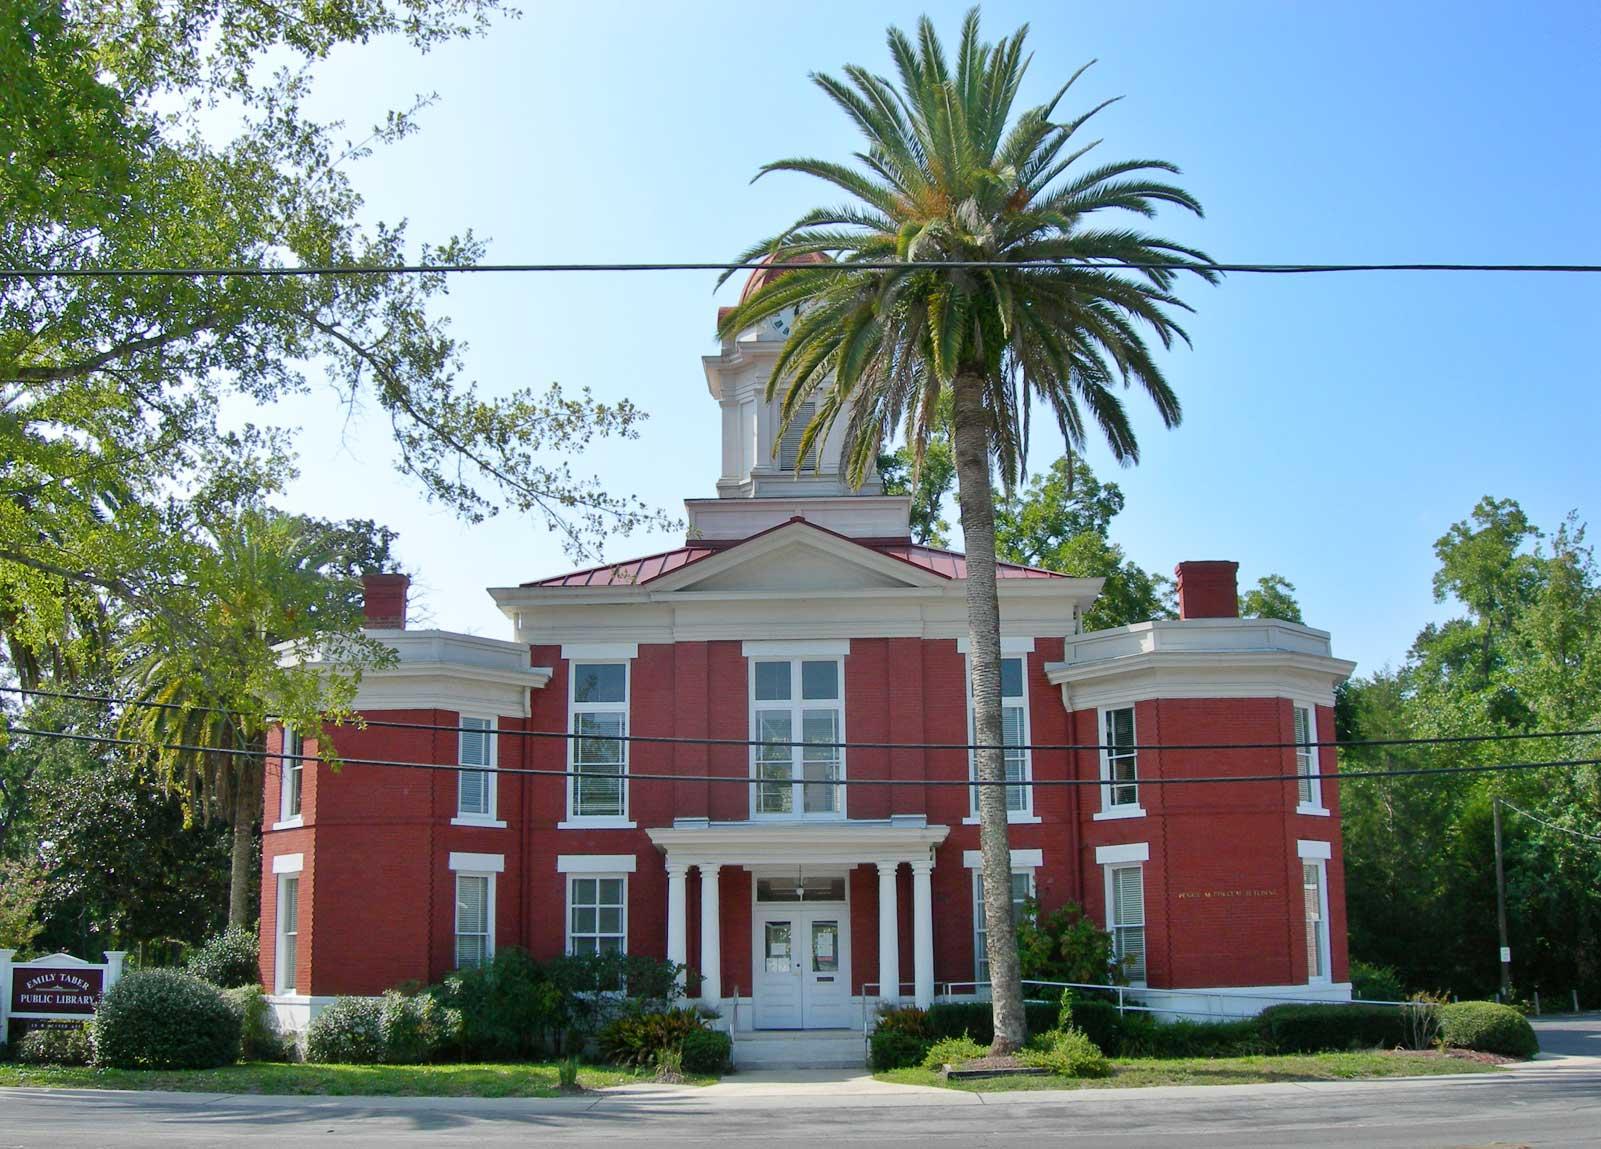 Hotels Near Universal Studios >> Macclenny Florida | Macclenny Hotels